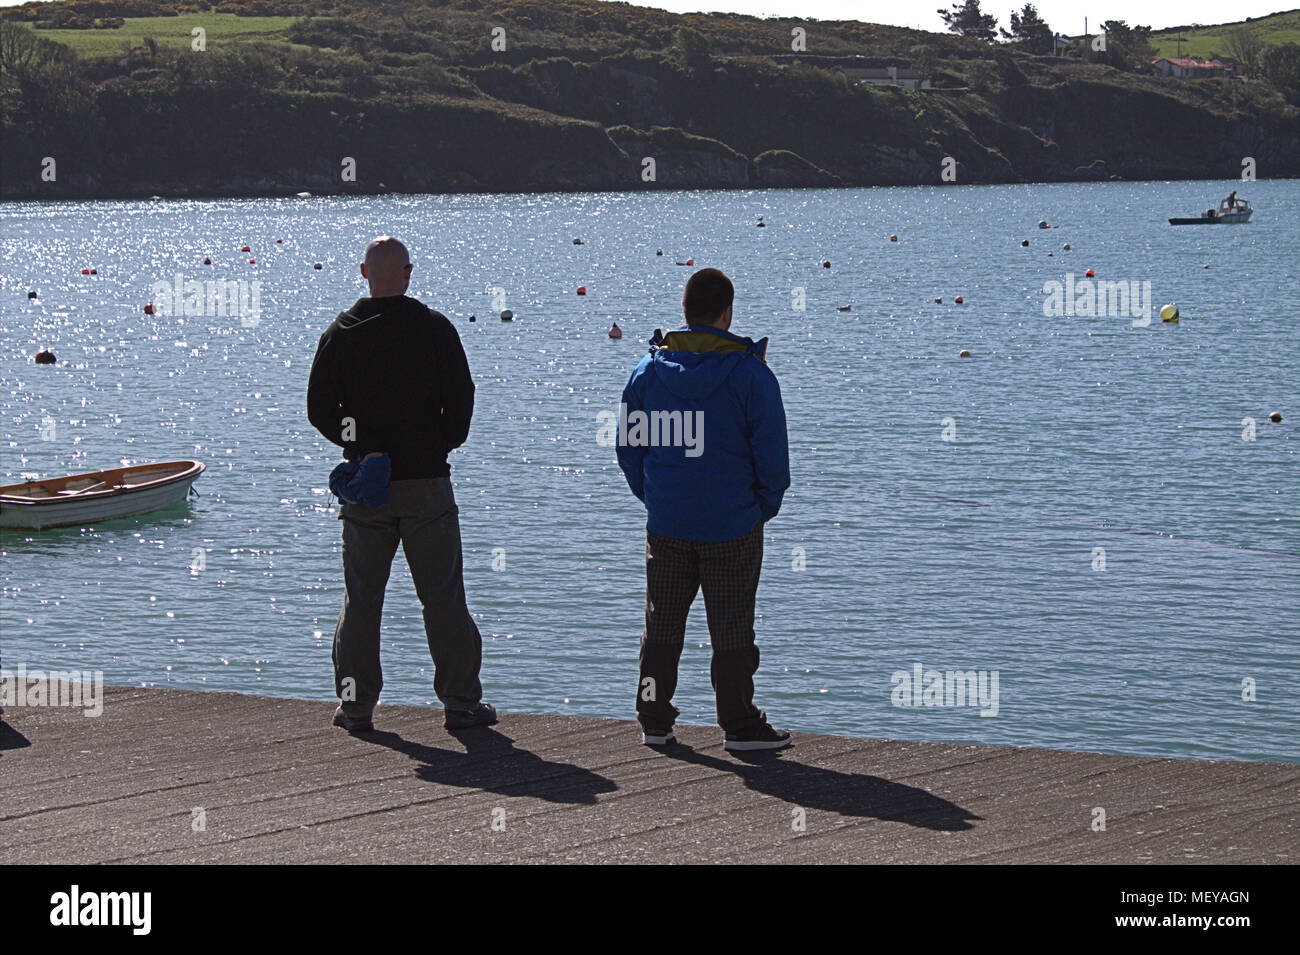 2 im mittleren Alter stehende Männer auf einem Steg im County Cork, Irland beobachten ein Fischerboot in der Ferne. County Cork ein beliebtes Urlaubsziel. Stockbild